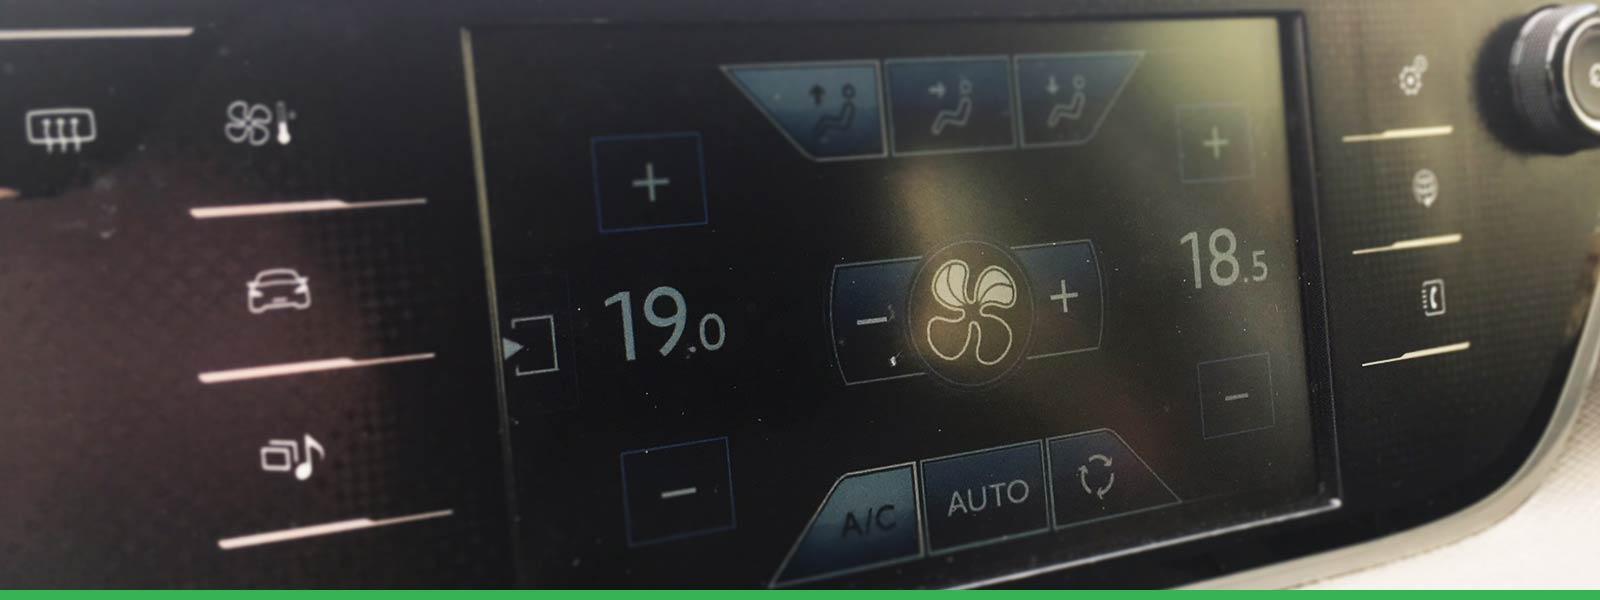 Hausse de températures estivales: pensez à faire recharger la climatisation de votre voiture